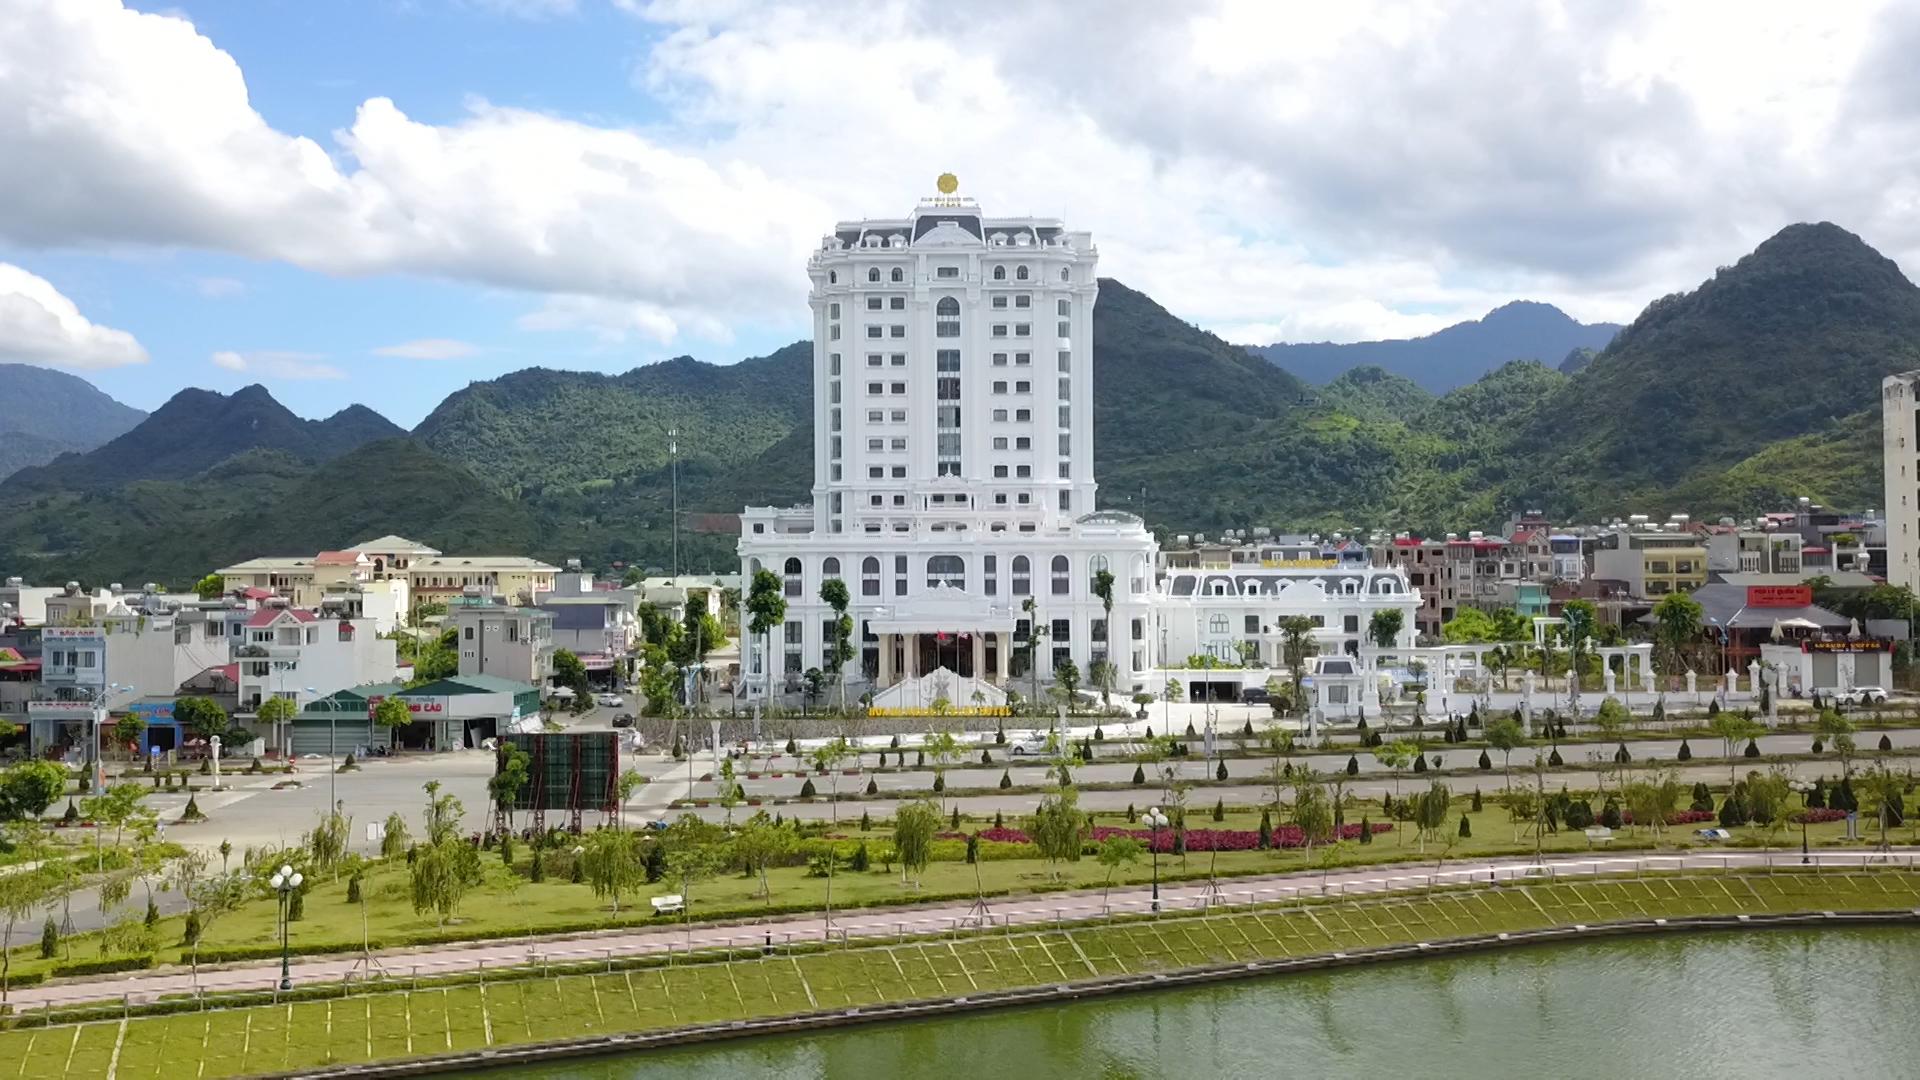 Cung cấp, lắp đặt thiết bị bếp công nghiệp và thiết bị giặt là cho Khách sạn Hoàng Nhâm - Hoang Nham Luxury Hotel 5*****